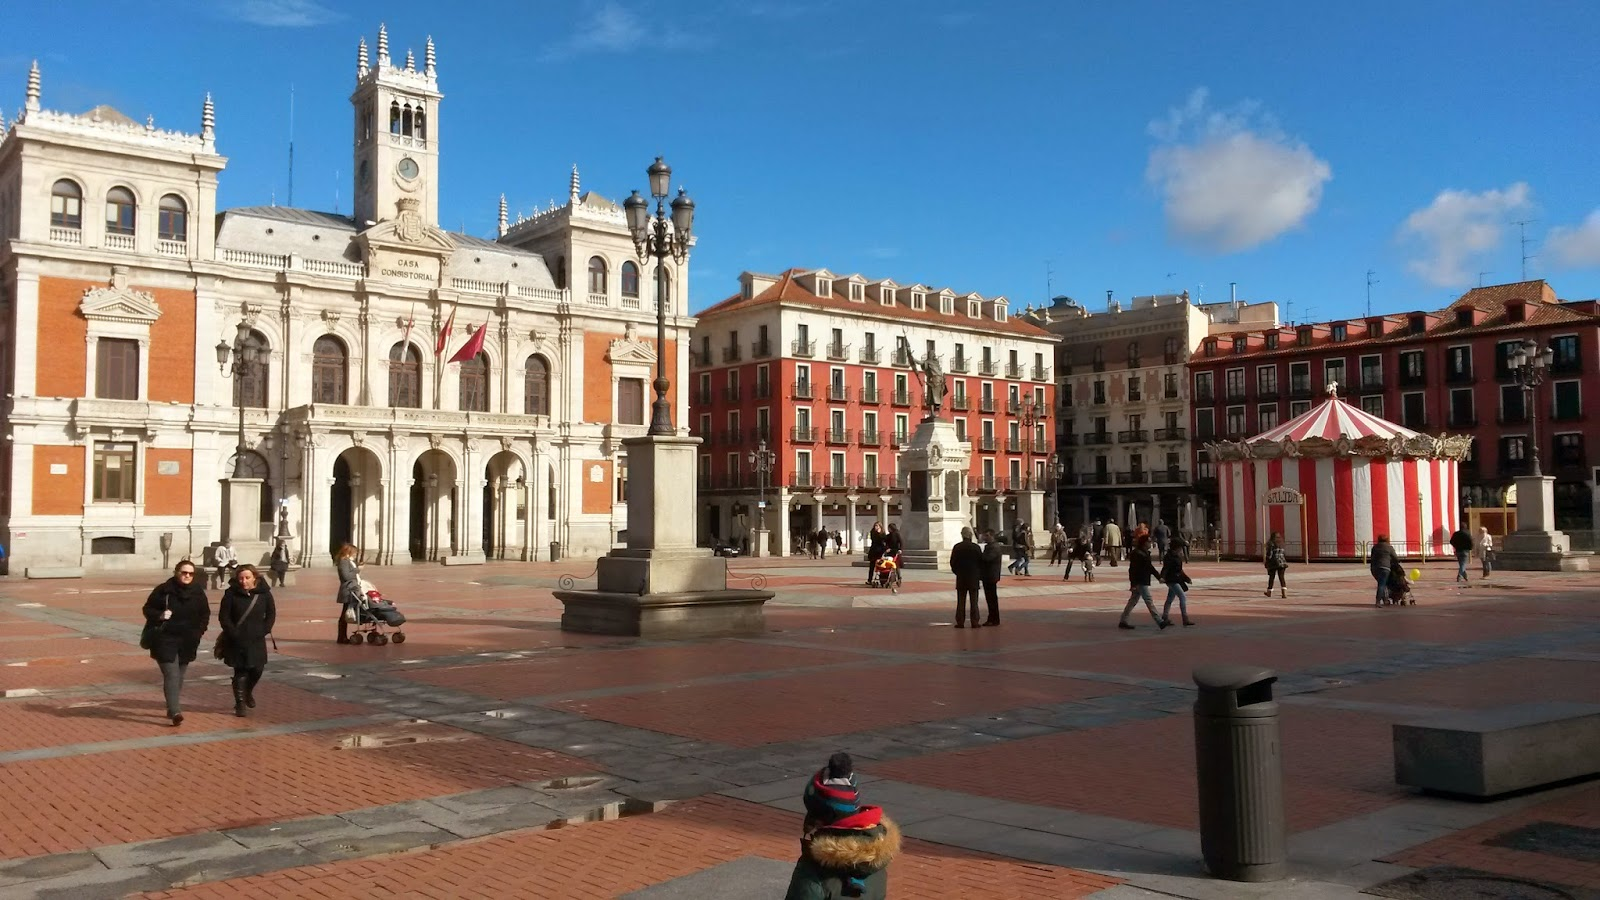 La estructura de la Plaza Mayor de Valladolid se asemeja mucho a la de Madrid y Salamanca.